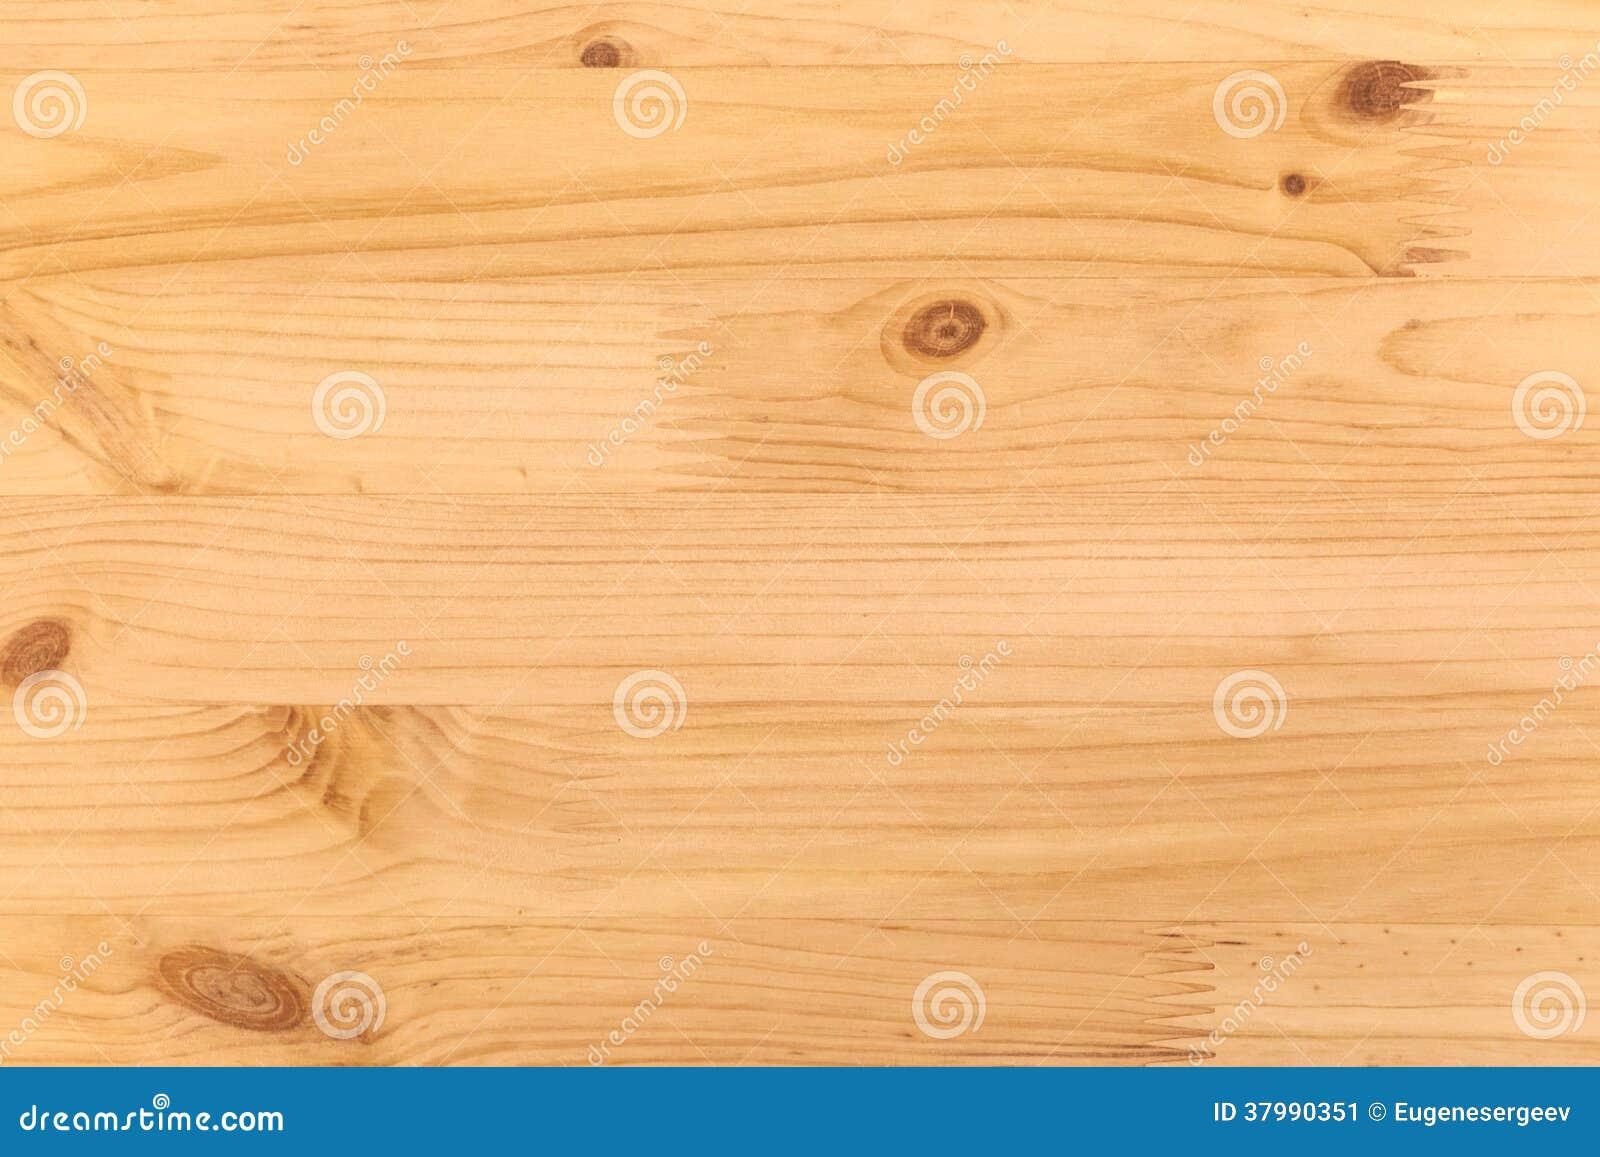 texture en bois non color e de panneau de table image stock image 37990351. Black Bedroom Furniture Sets. Home Design Ideas